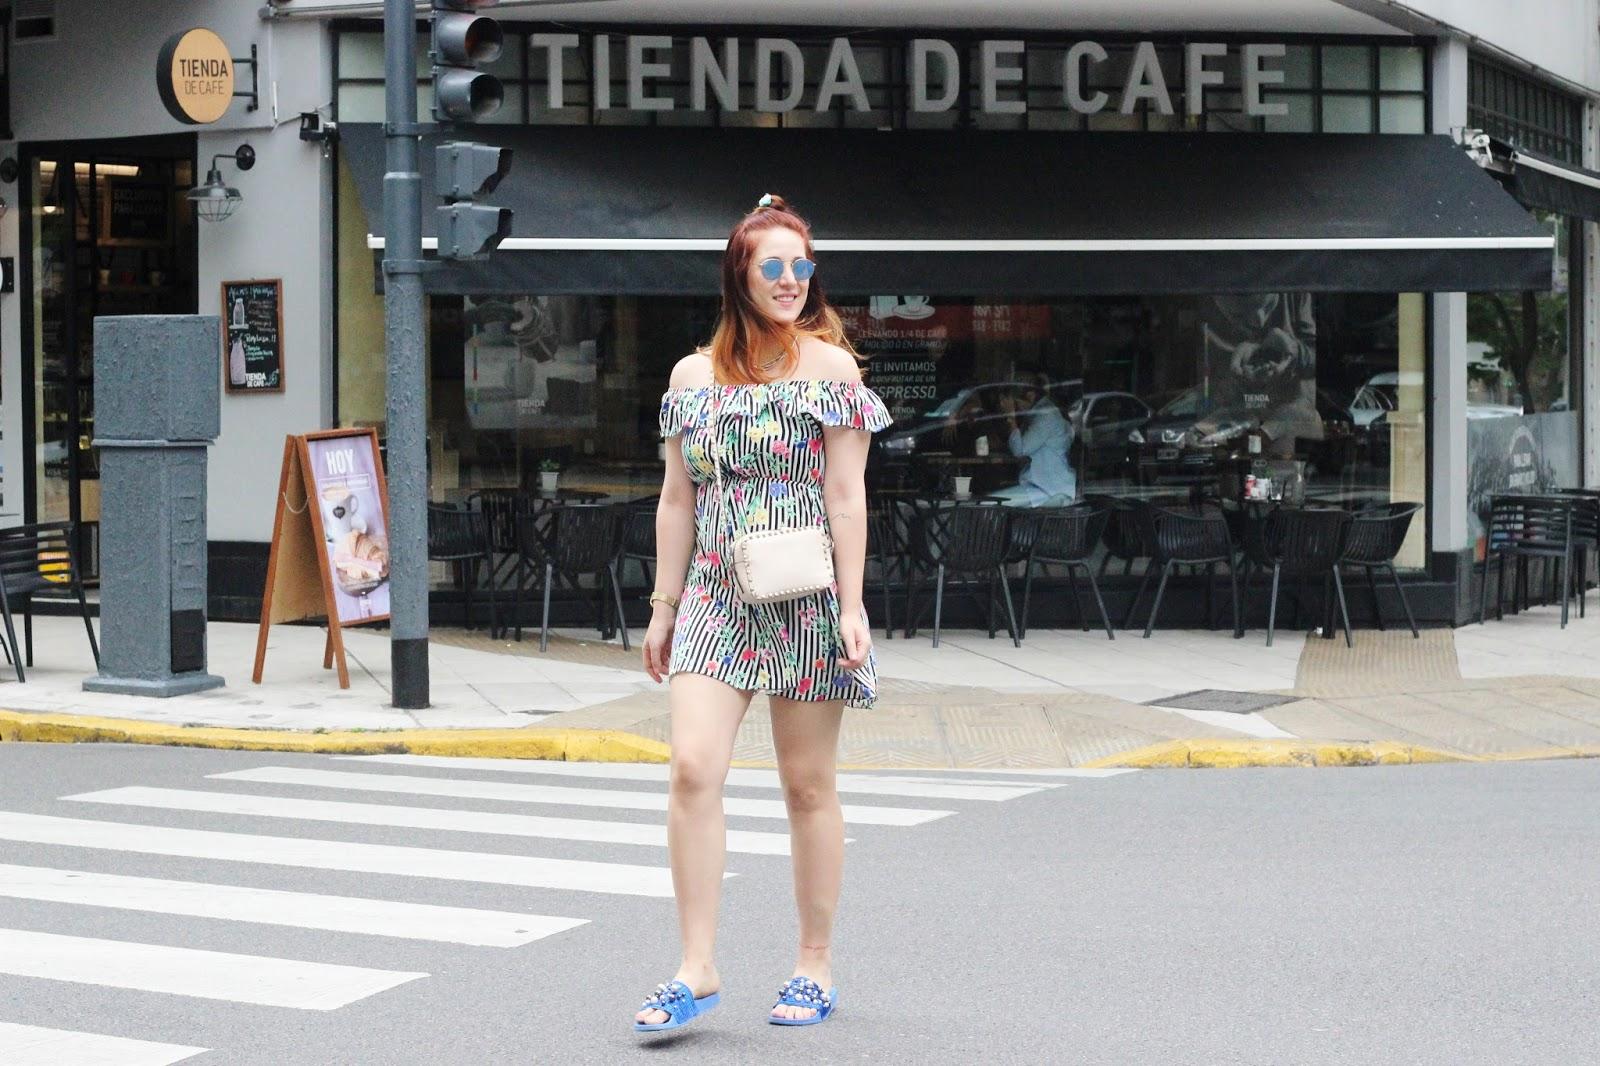 Tienda de Cafe Argentina